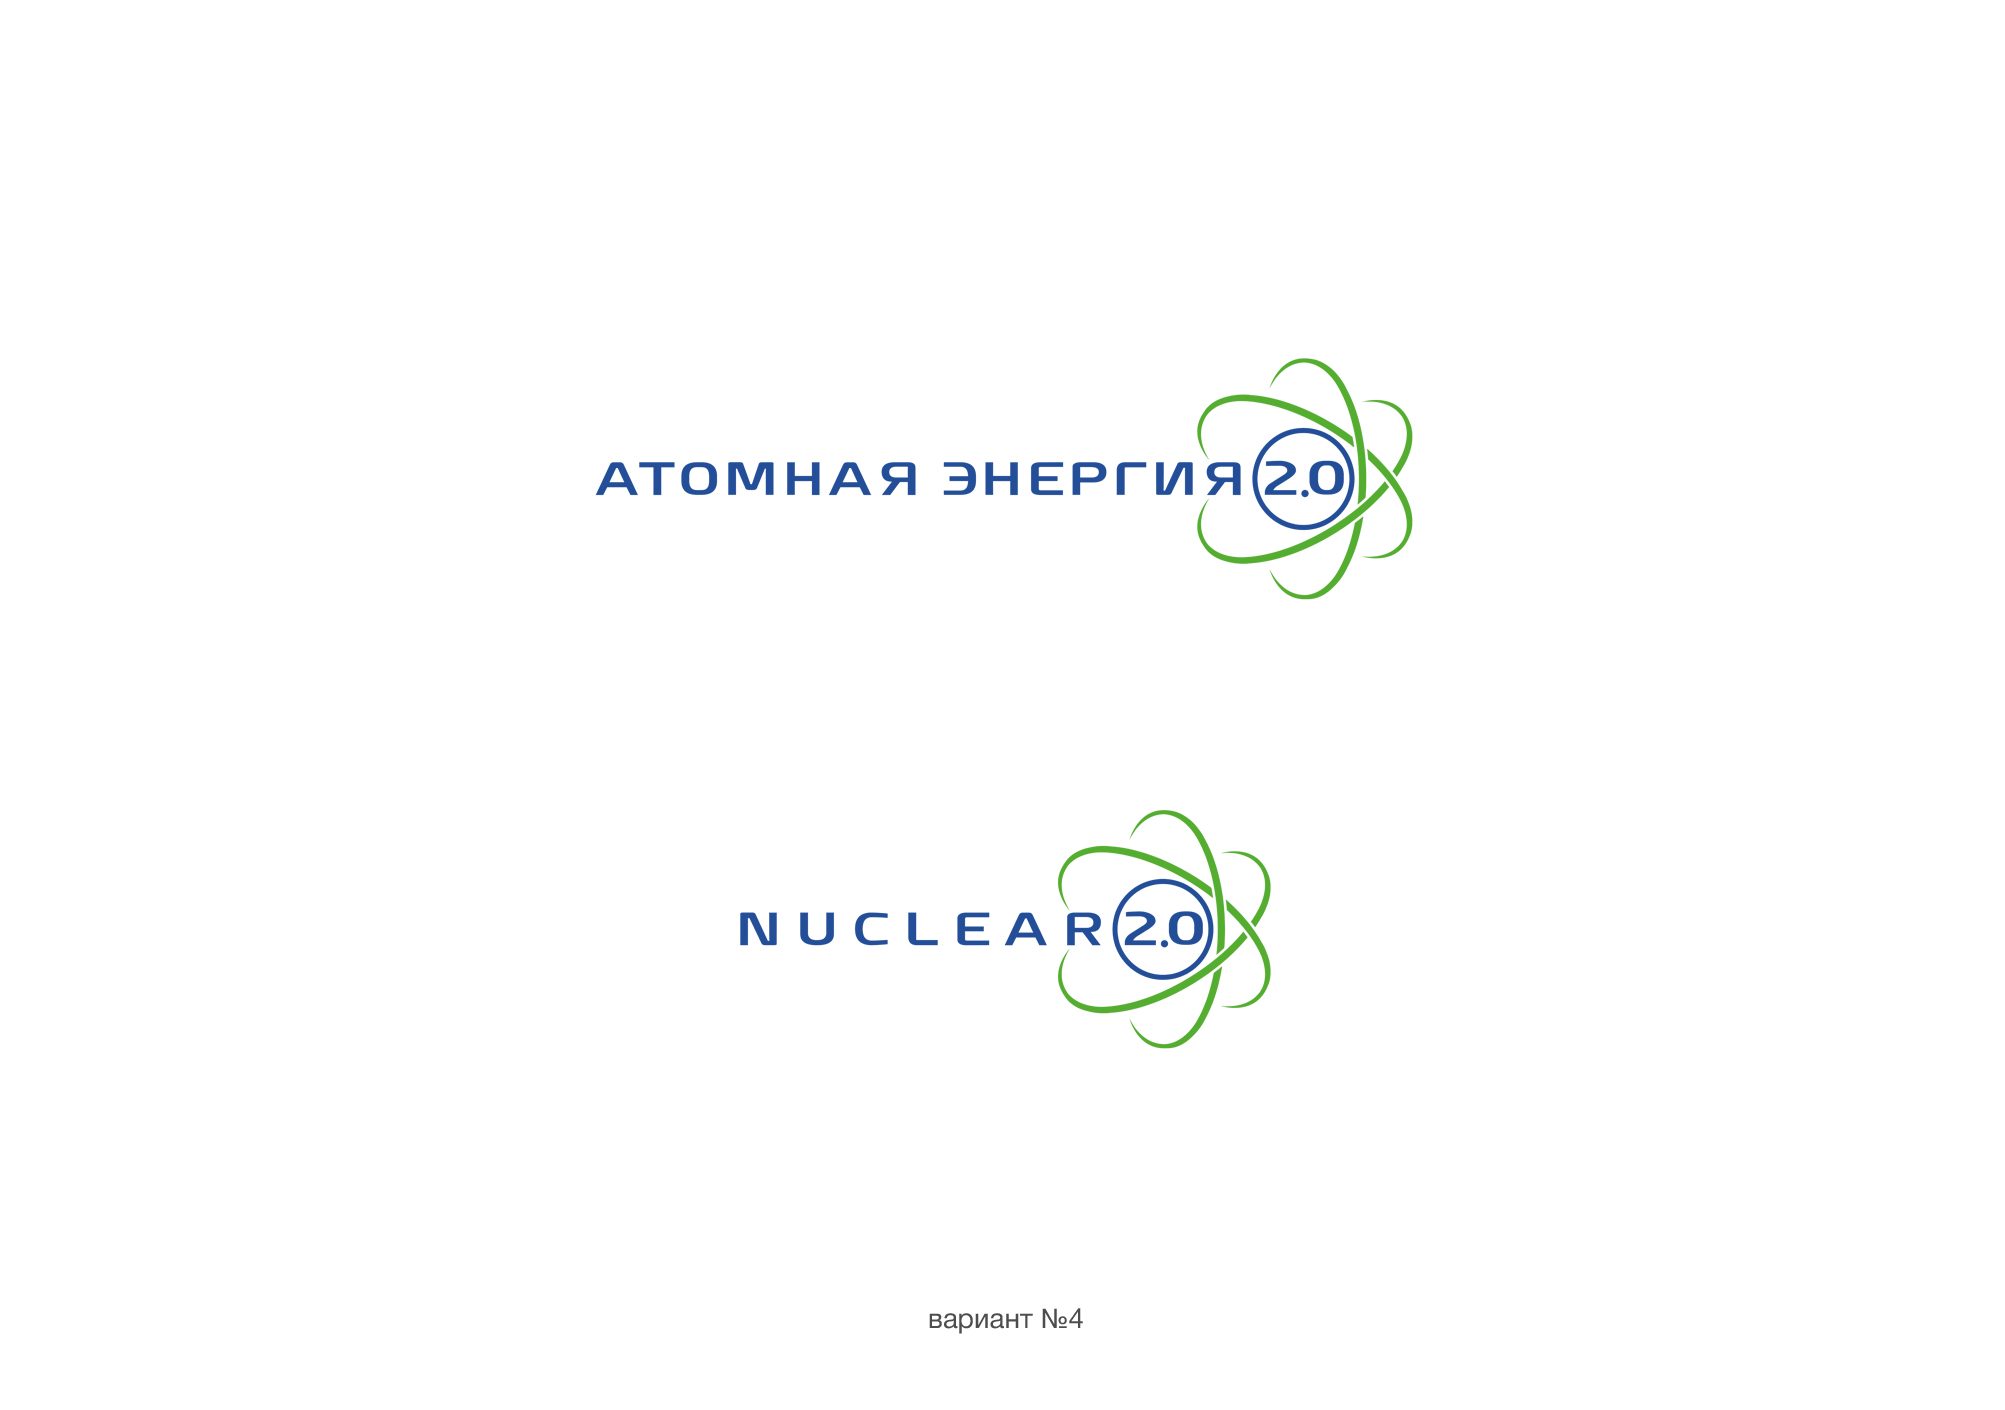 """Фирменный стиль для научного портала """"Атомная энергия 2.0"""" фото f_13459fe3b445d930.jpg"""